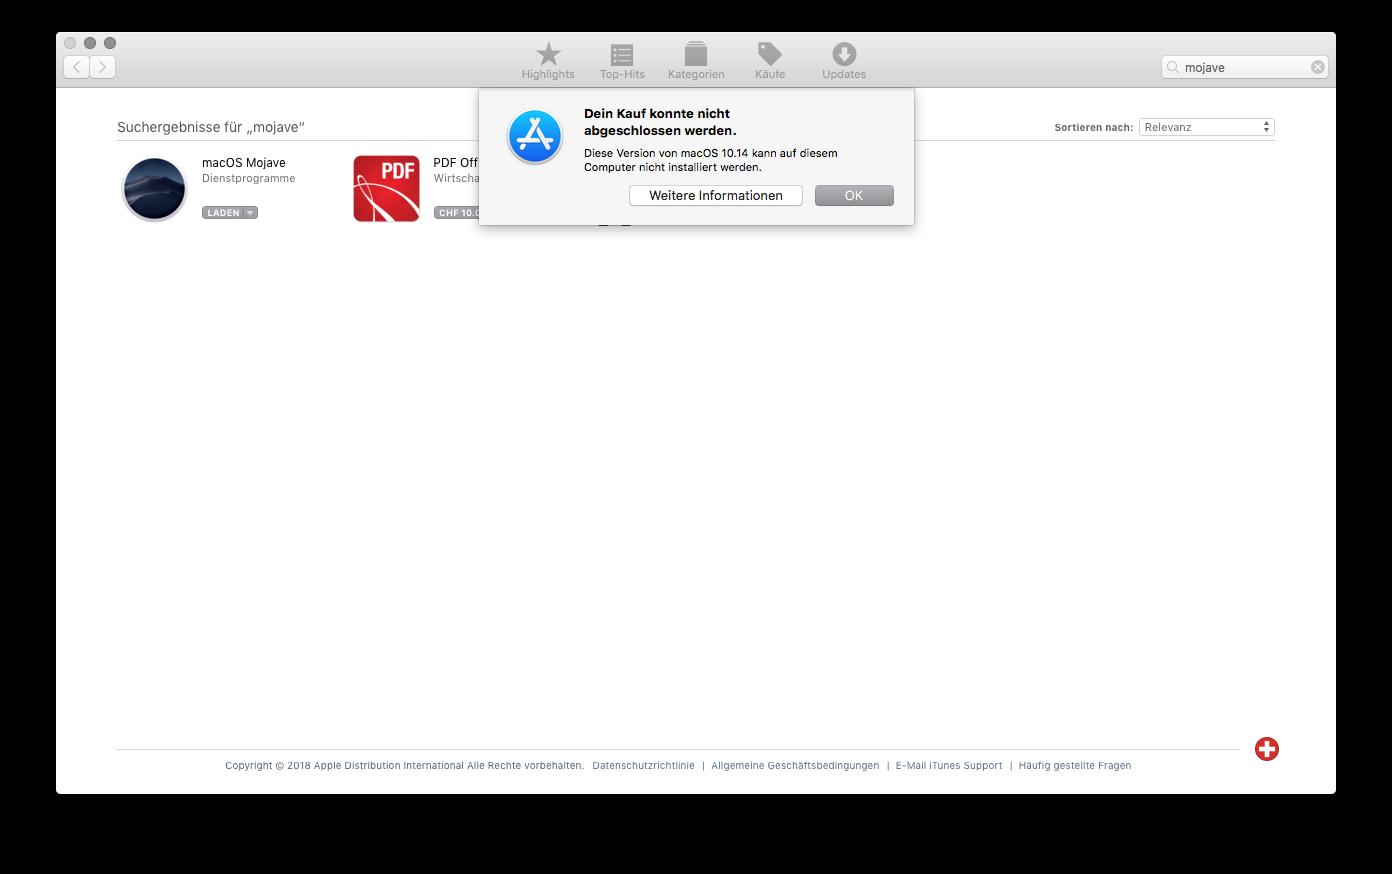 Fehlermeldung: Diese Version von macOS 10.14 kann auf diesem Computer nicht installiert werden.